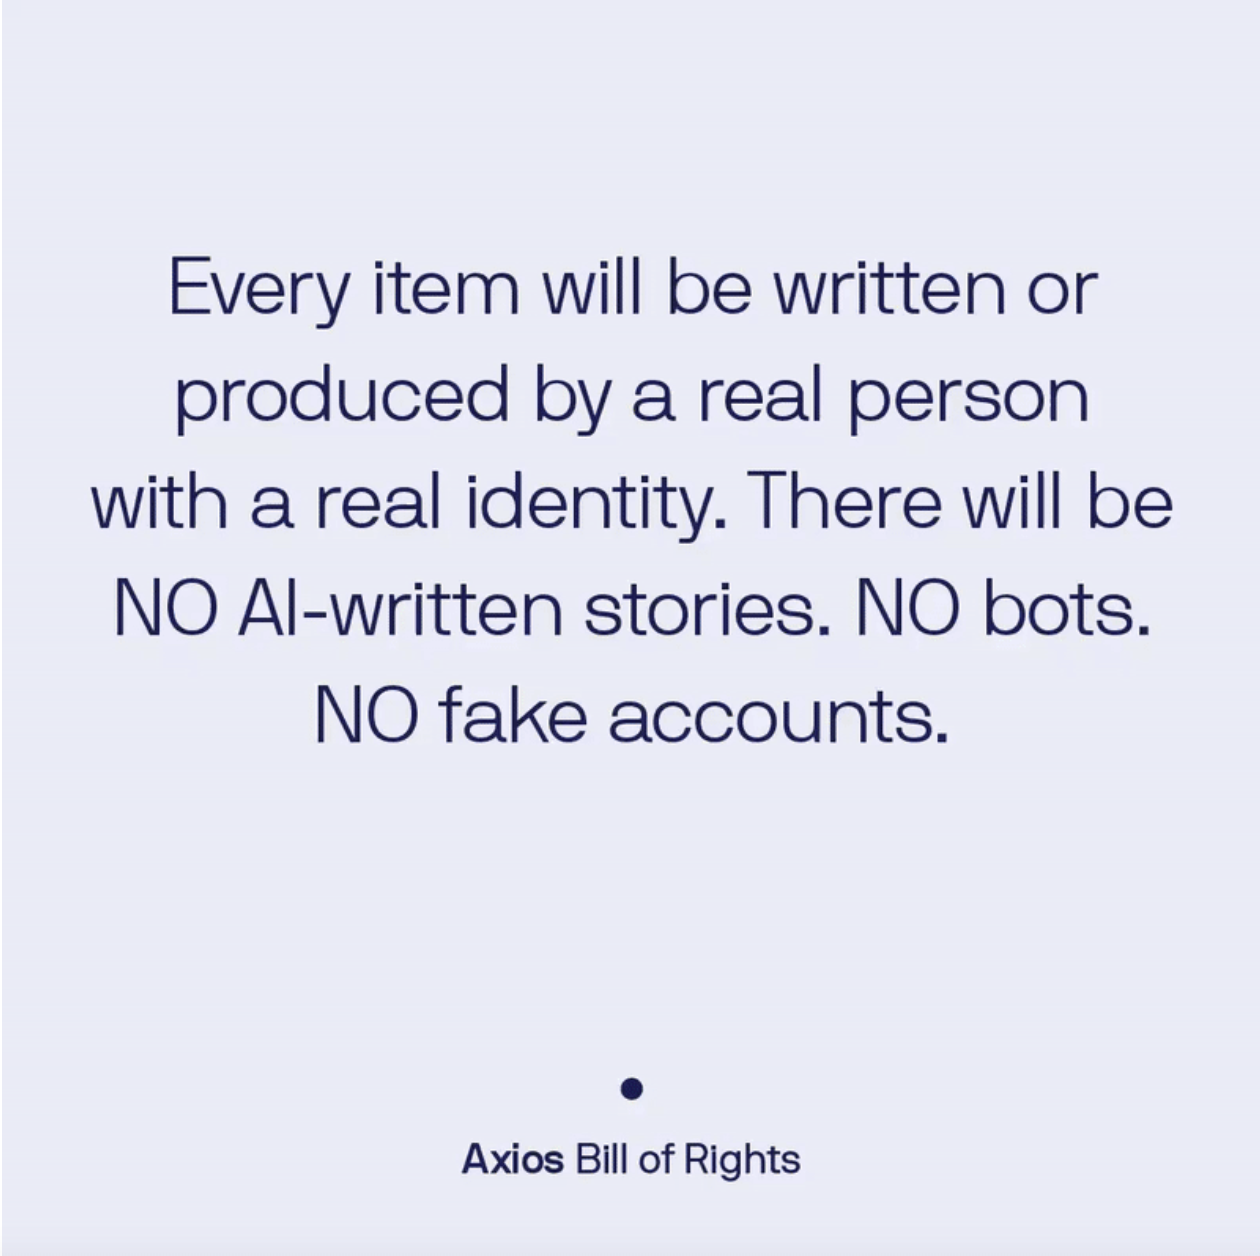 Axios Bill of Rights